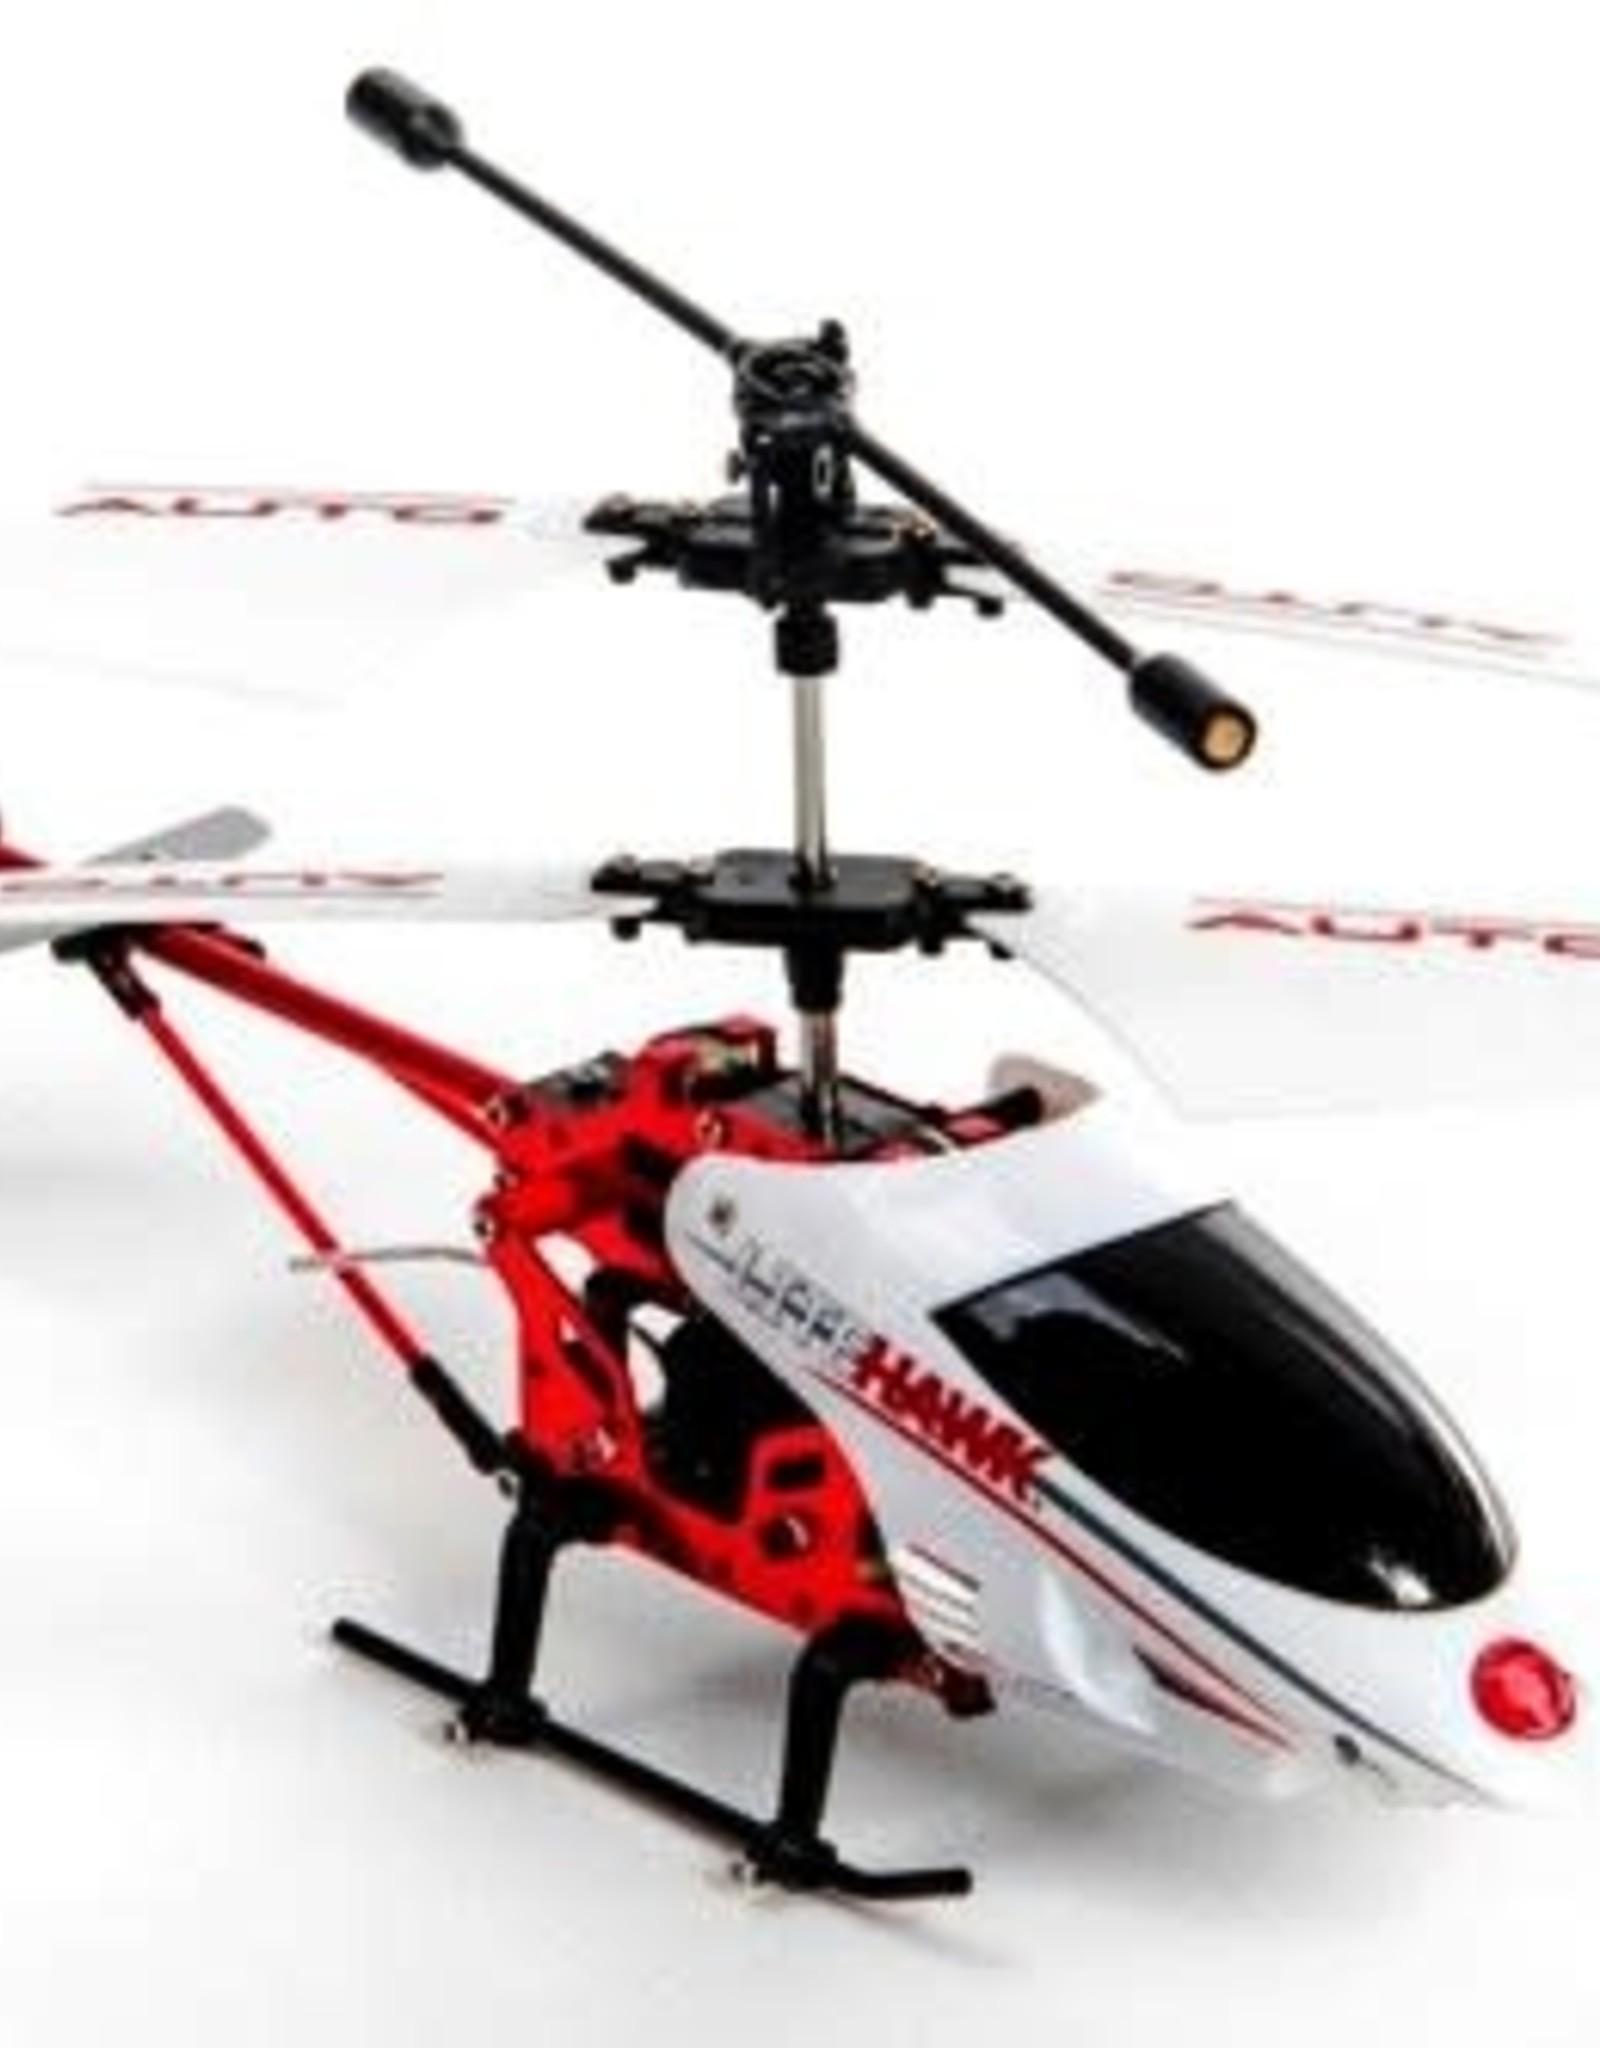 Lite Hawk III auto helicopter